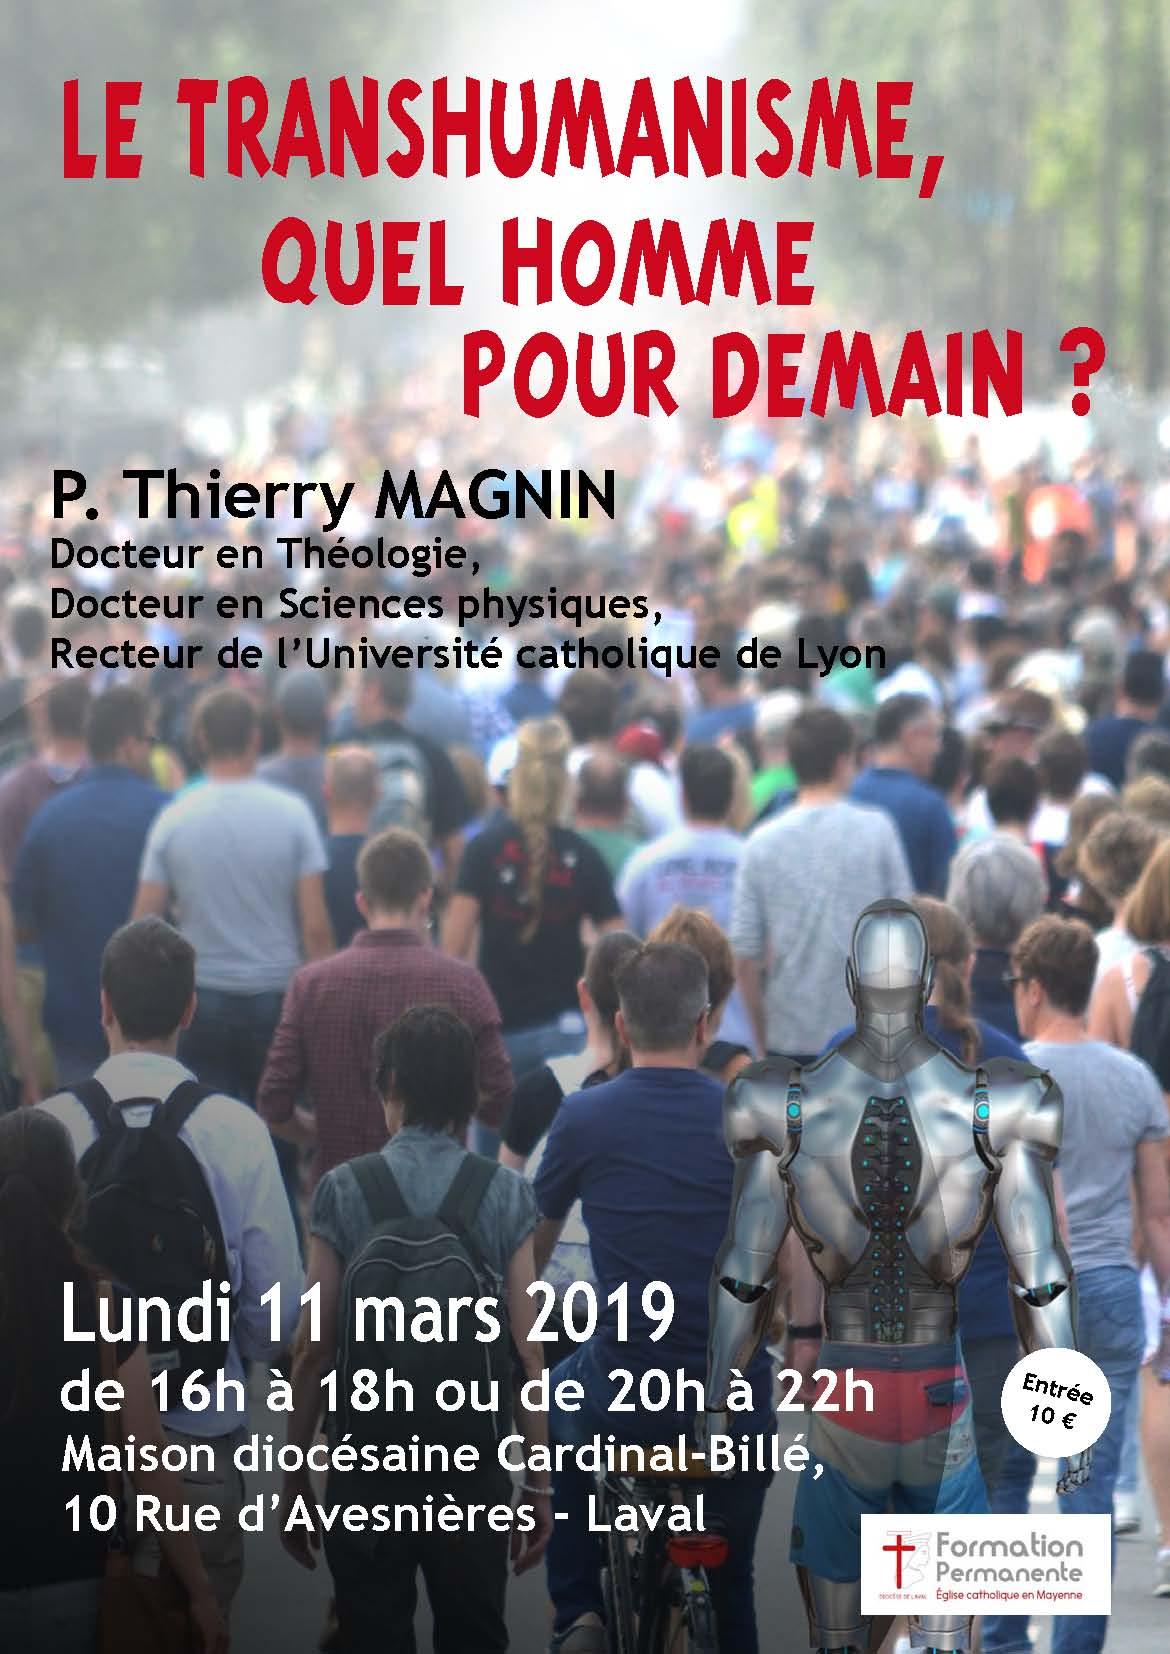 Transhumanisme, quel homme pour demain? Conférence le 11 mars 2019 à Laval (53)